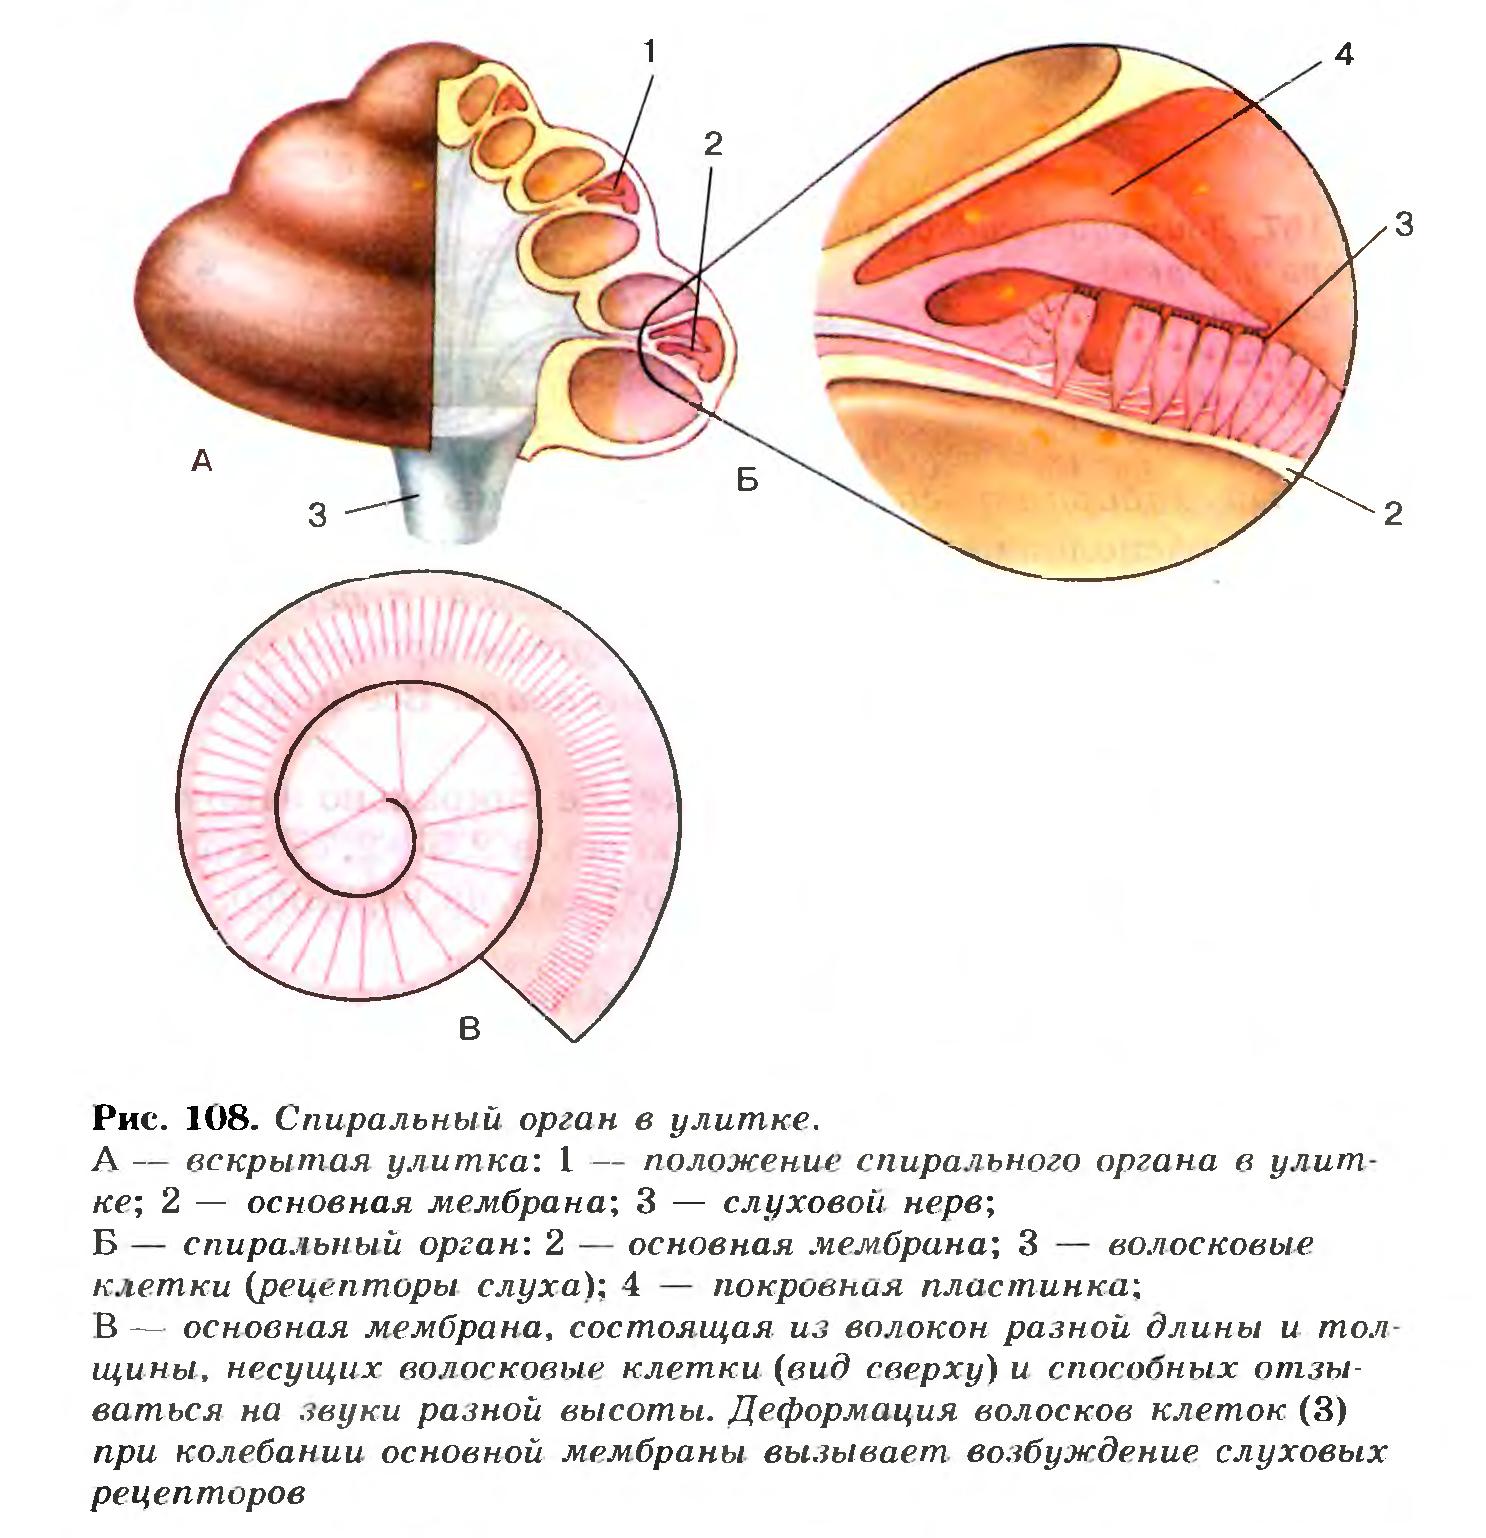 Орган спиральный